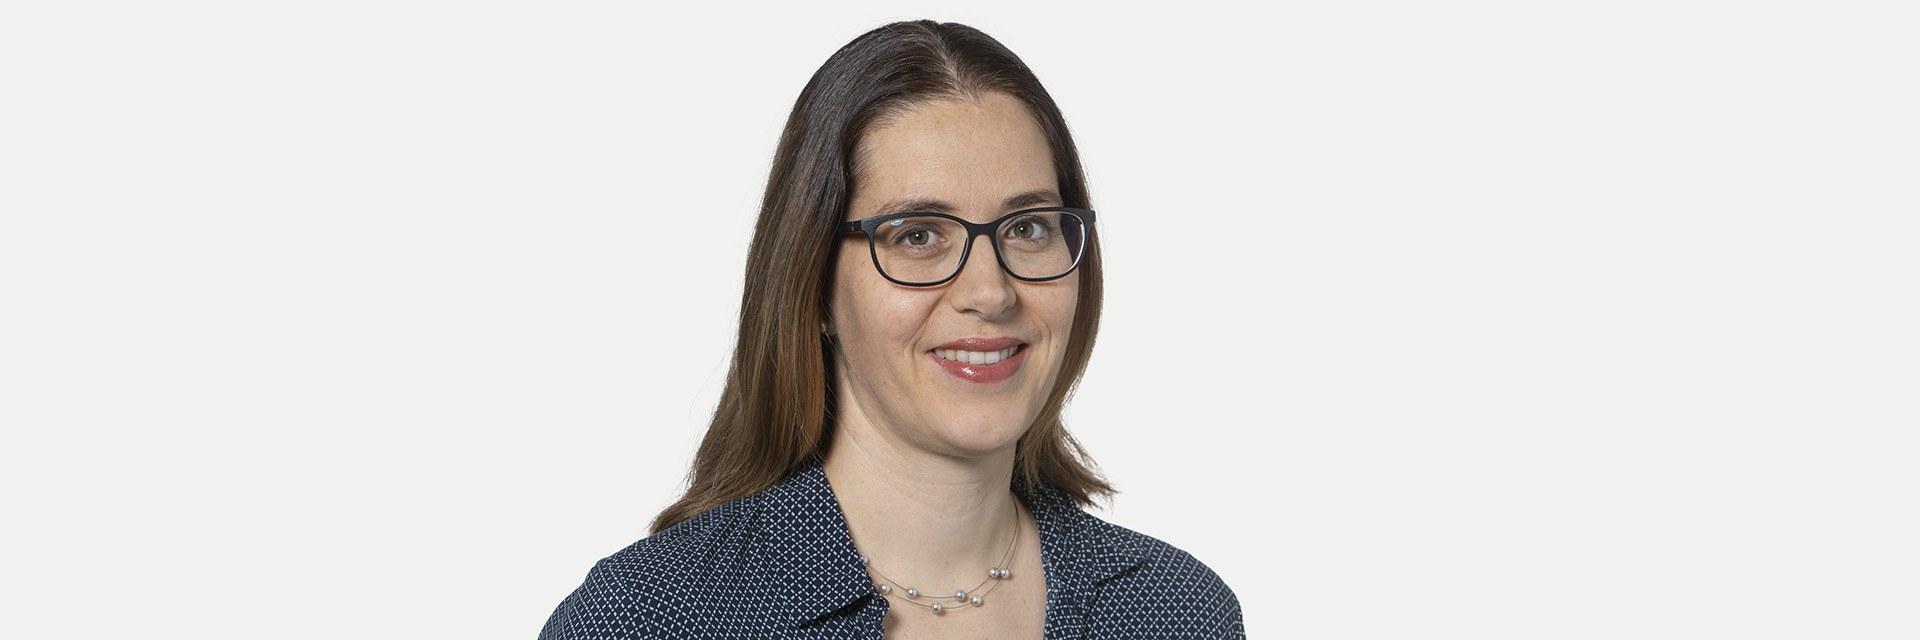 Sarah Salvini